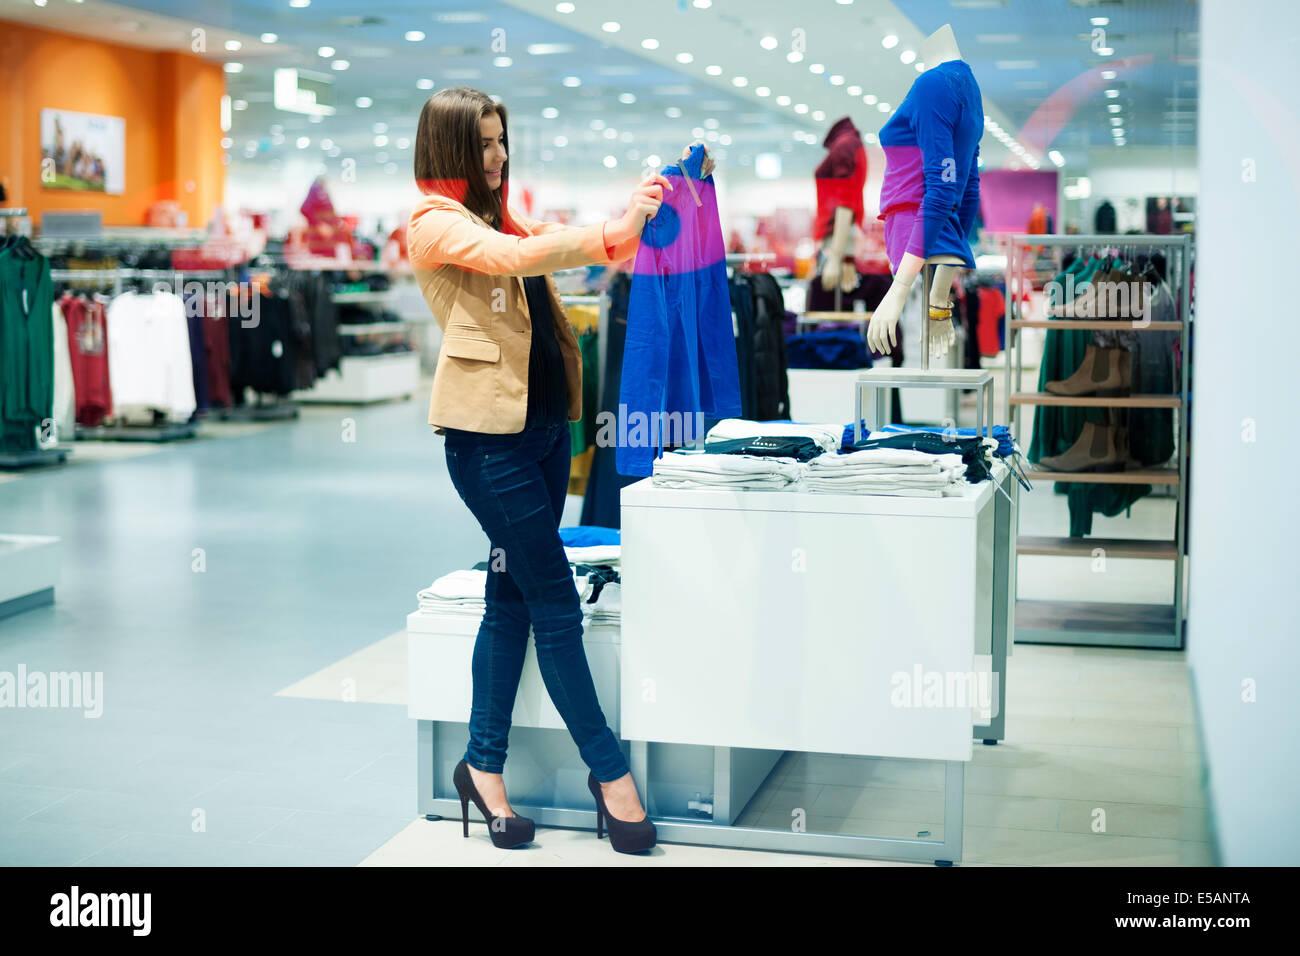 Attractive woman choosing cloths in shop Debica, Poland - Stock Image